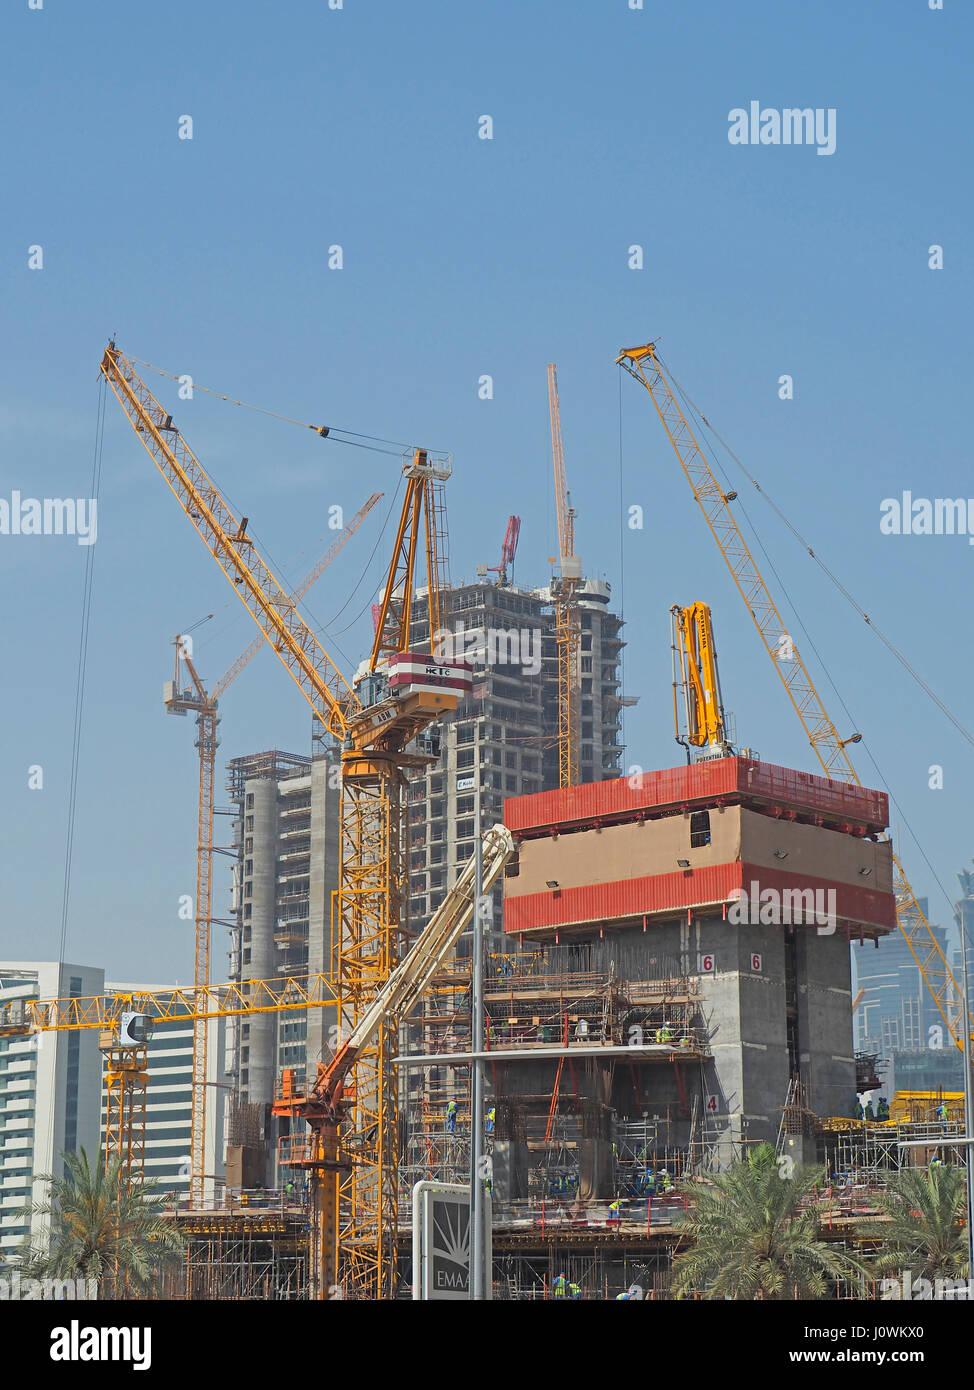 In corso di costruzione dappertutto in Dubai Emirati Arabi Uniti. Immagini Stock